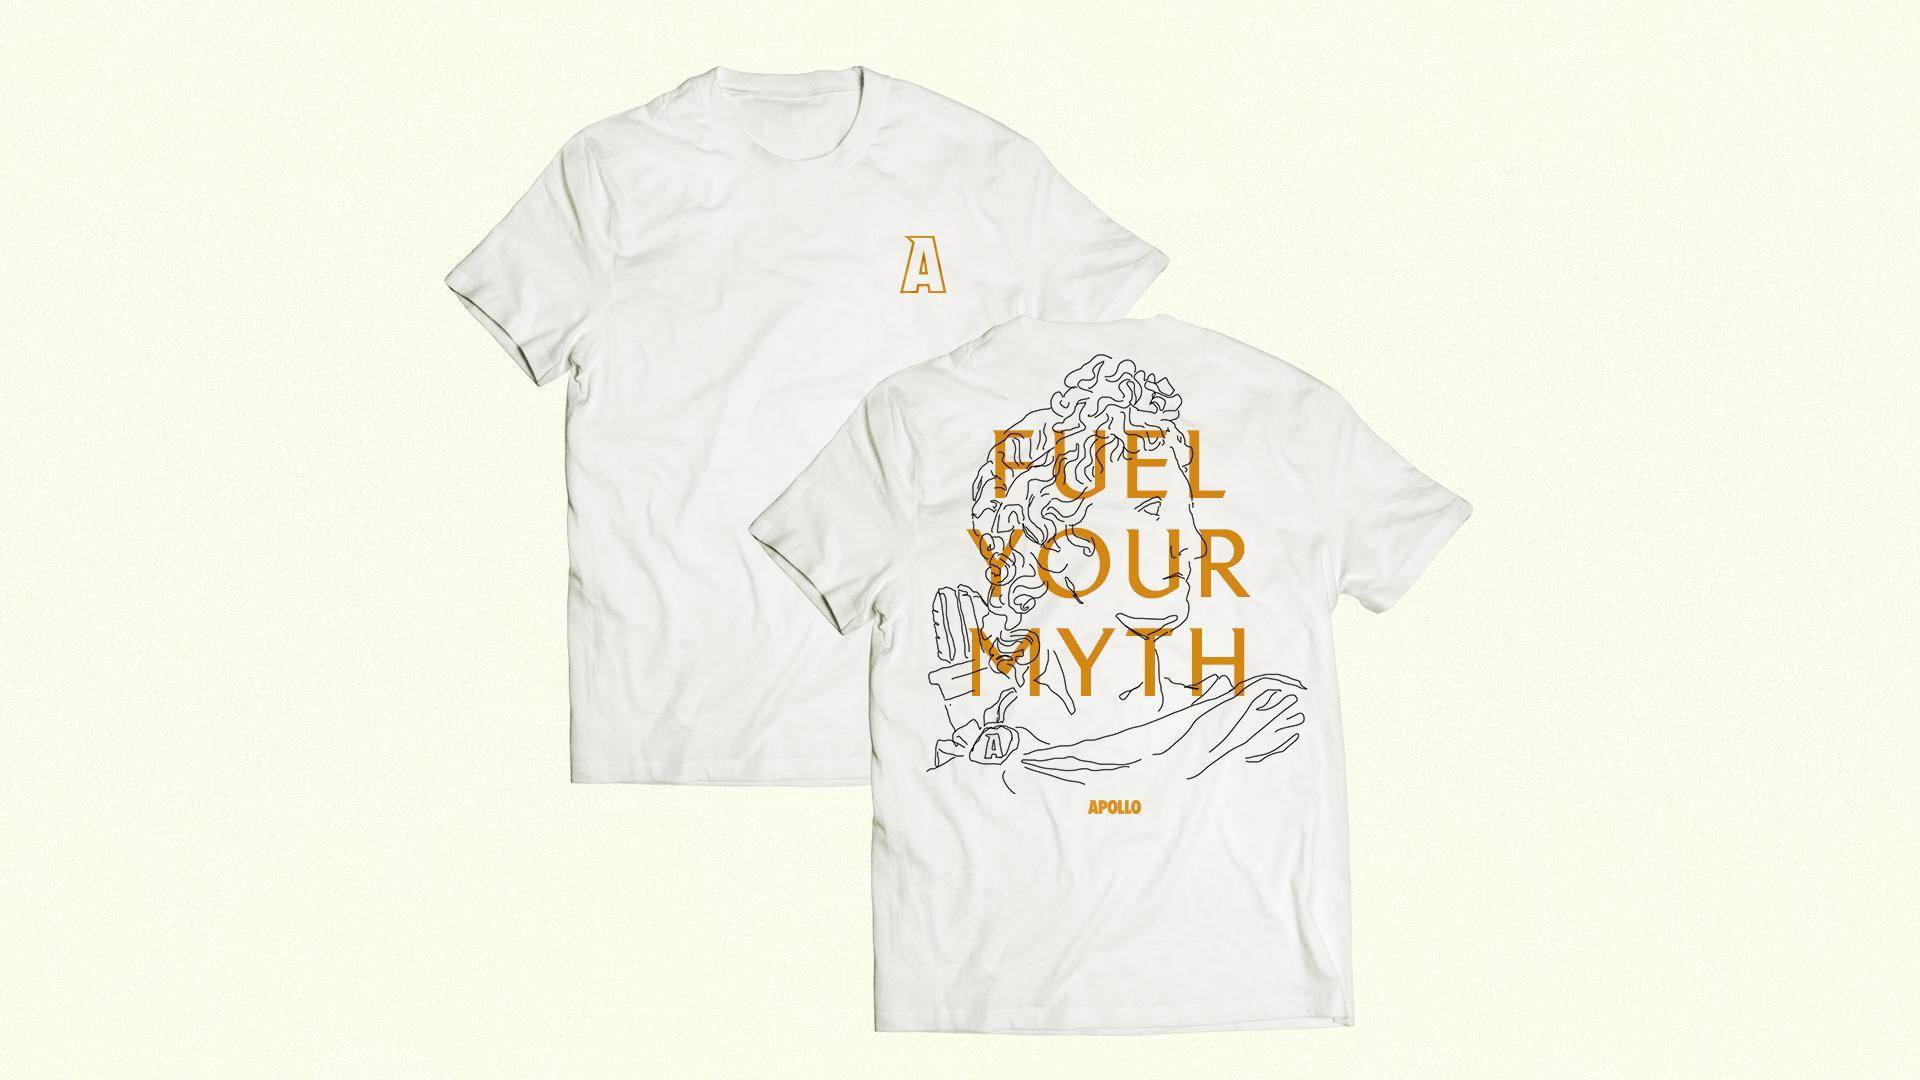 Apollo-shirt-01-v2.jpg